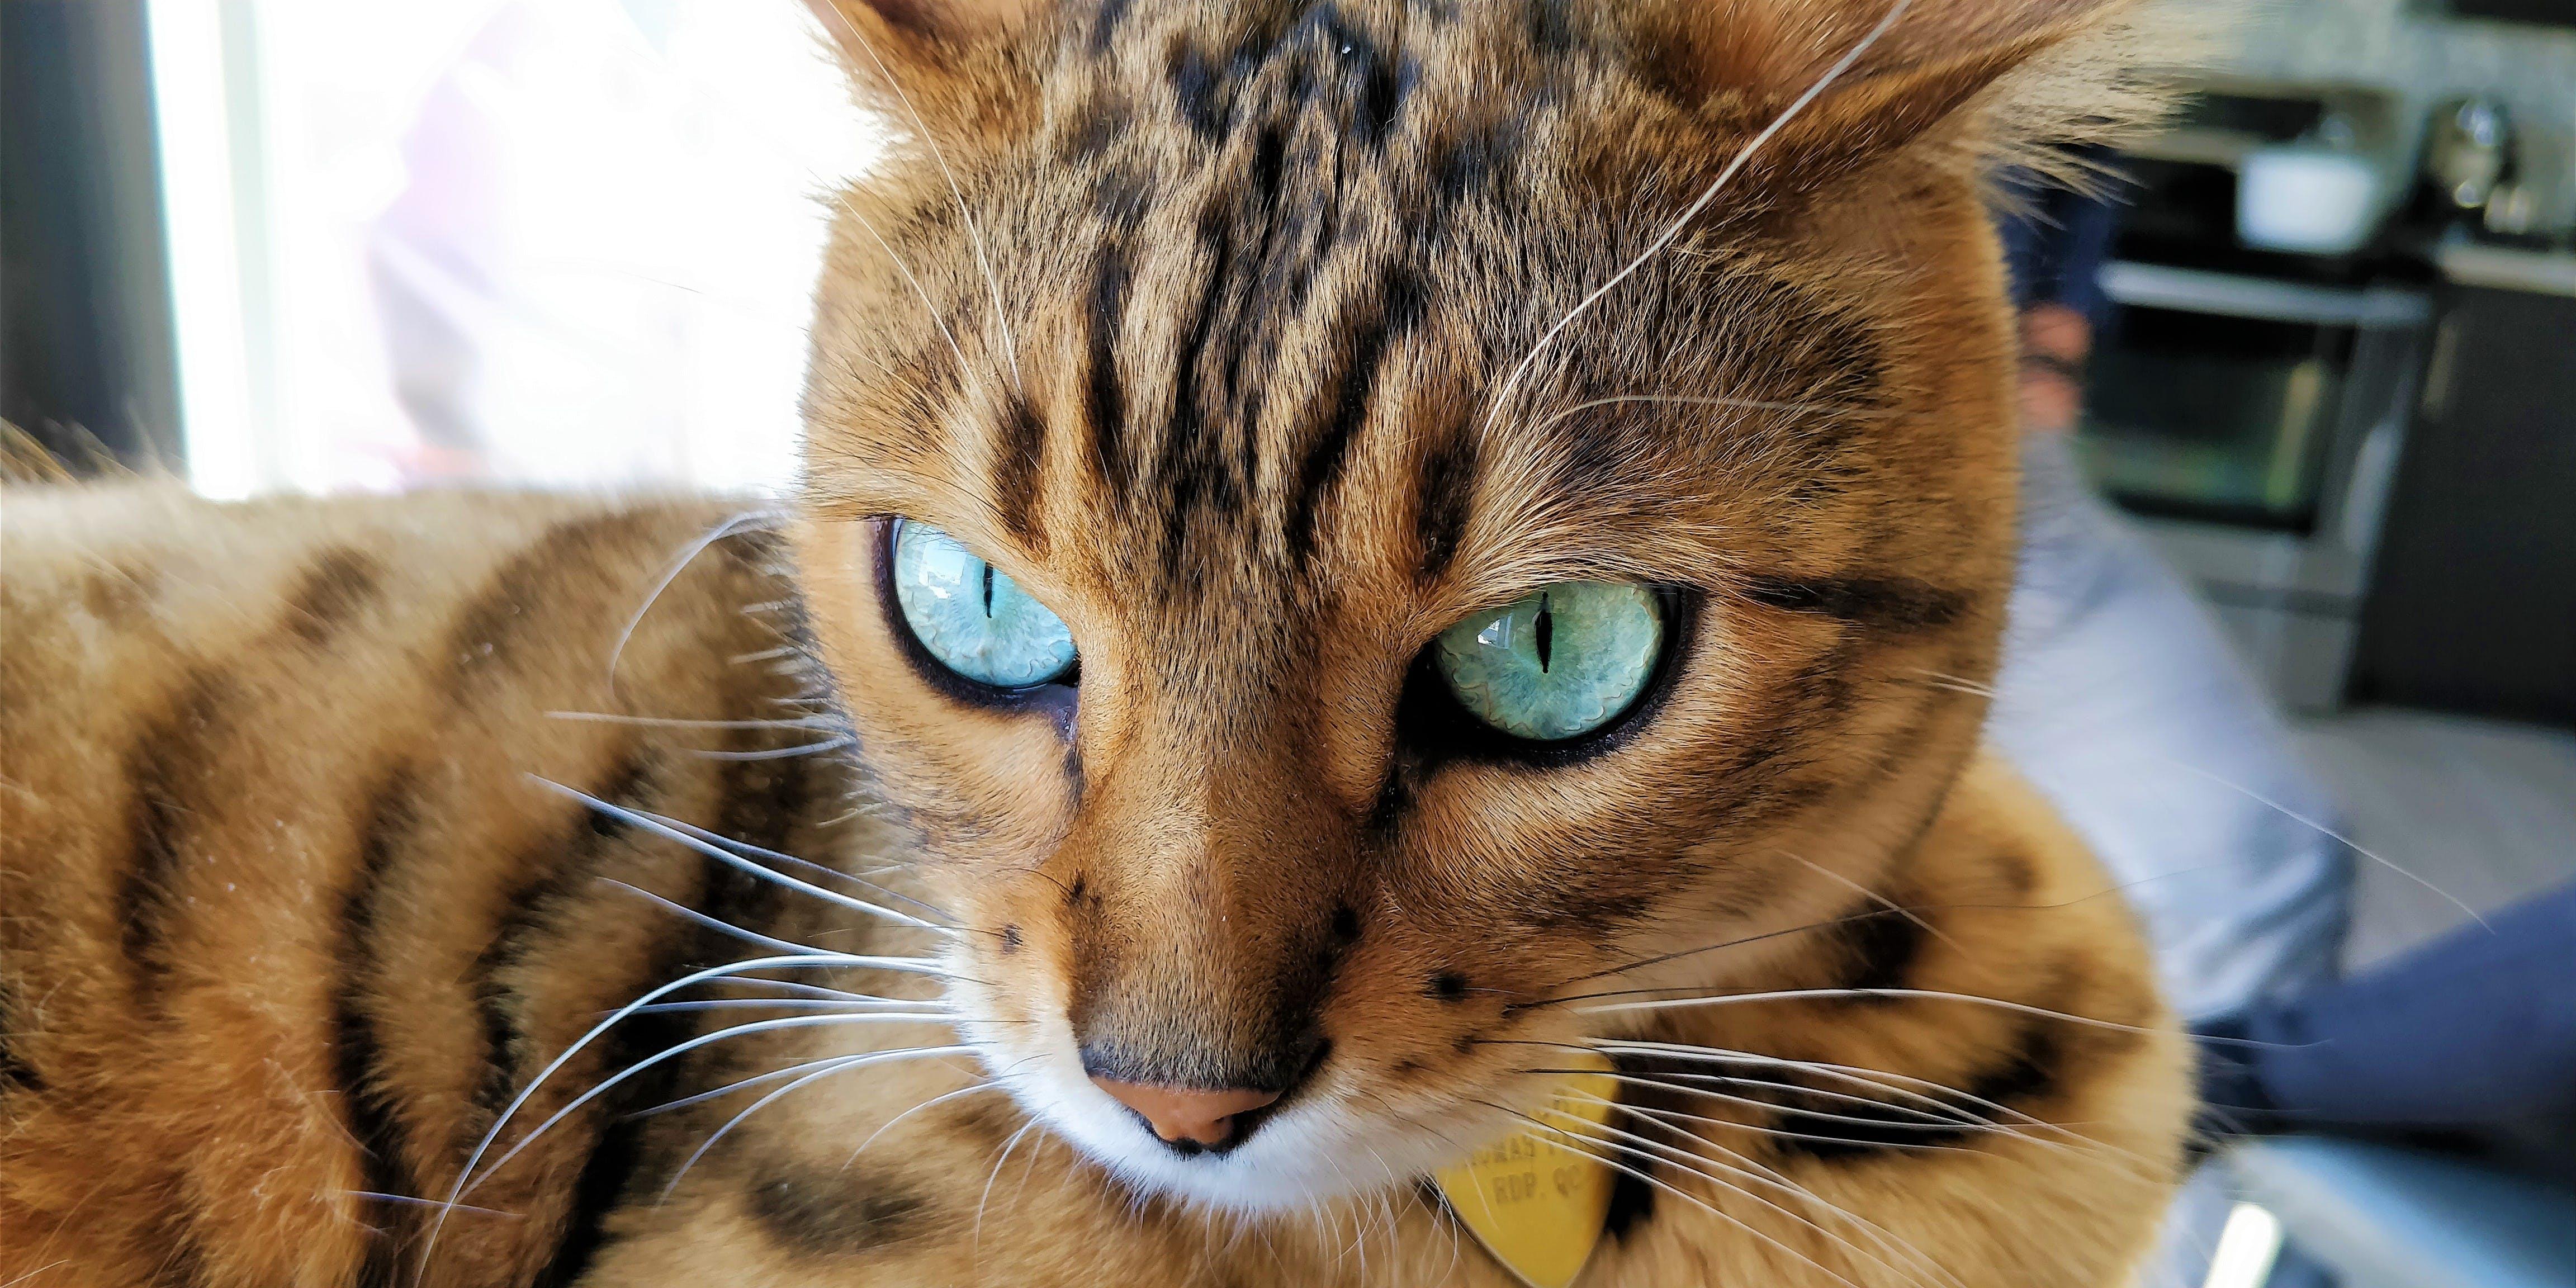 Δωρεάν στοκ φωτογραφιών με Γάτα, γκρο πλαν, δυτικό μπενγκάλι, θολό παρασκήνιο